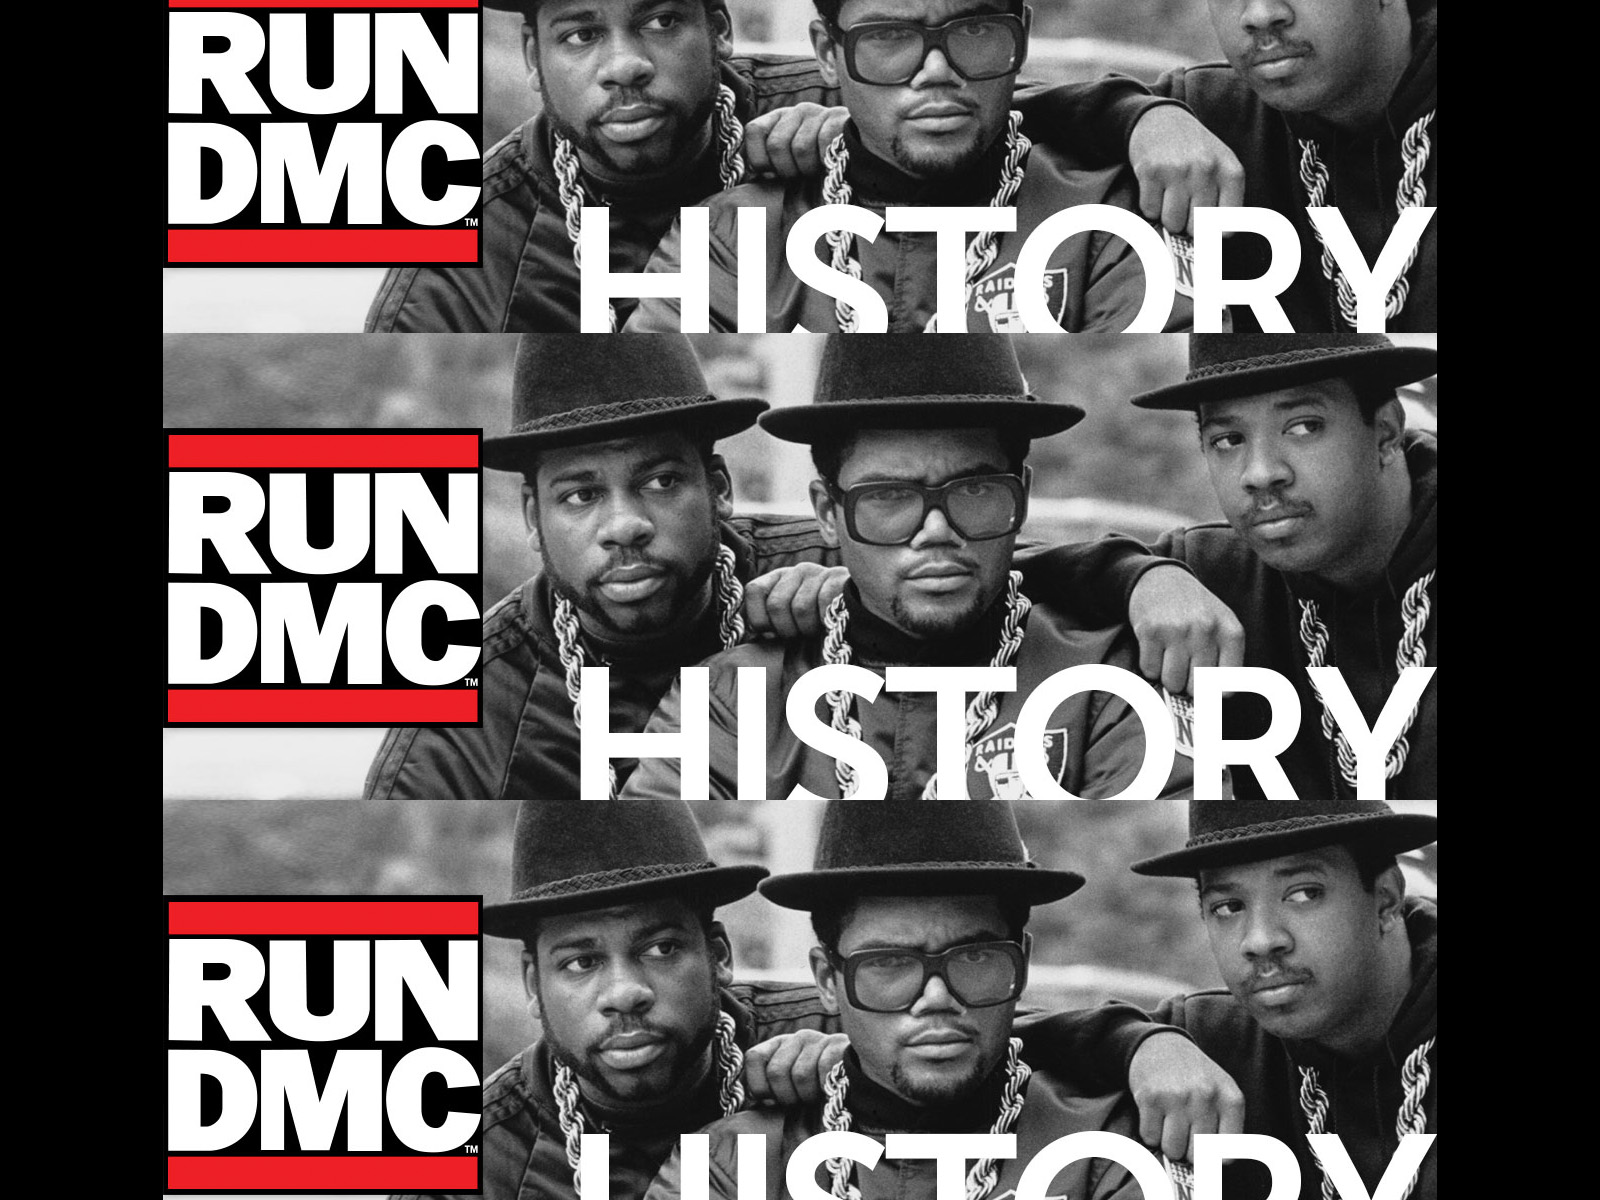 HISTORY OF RUN-D.M.C.